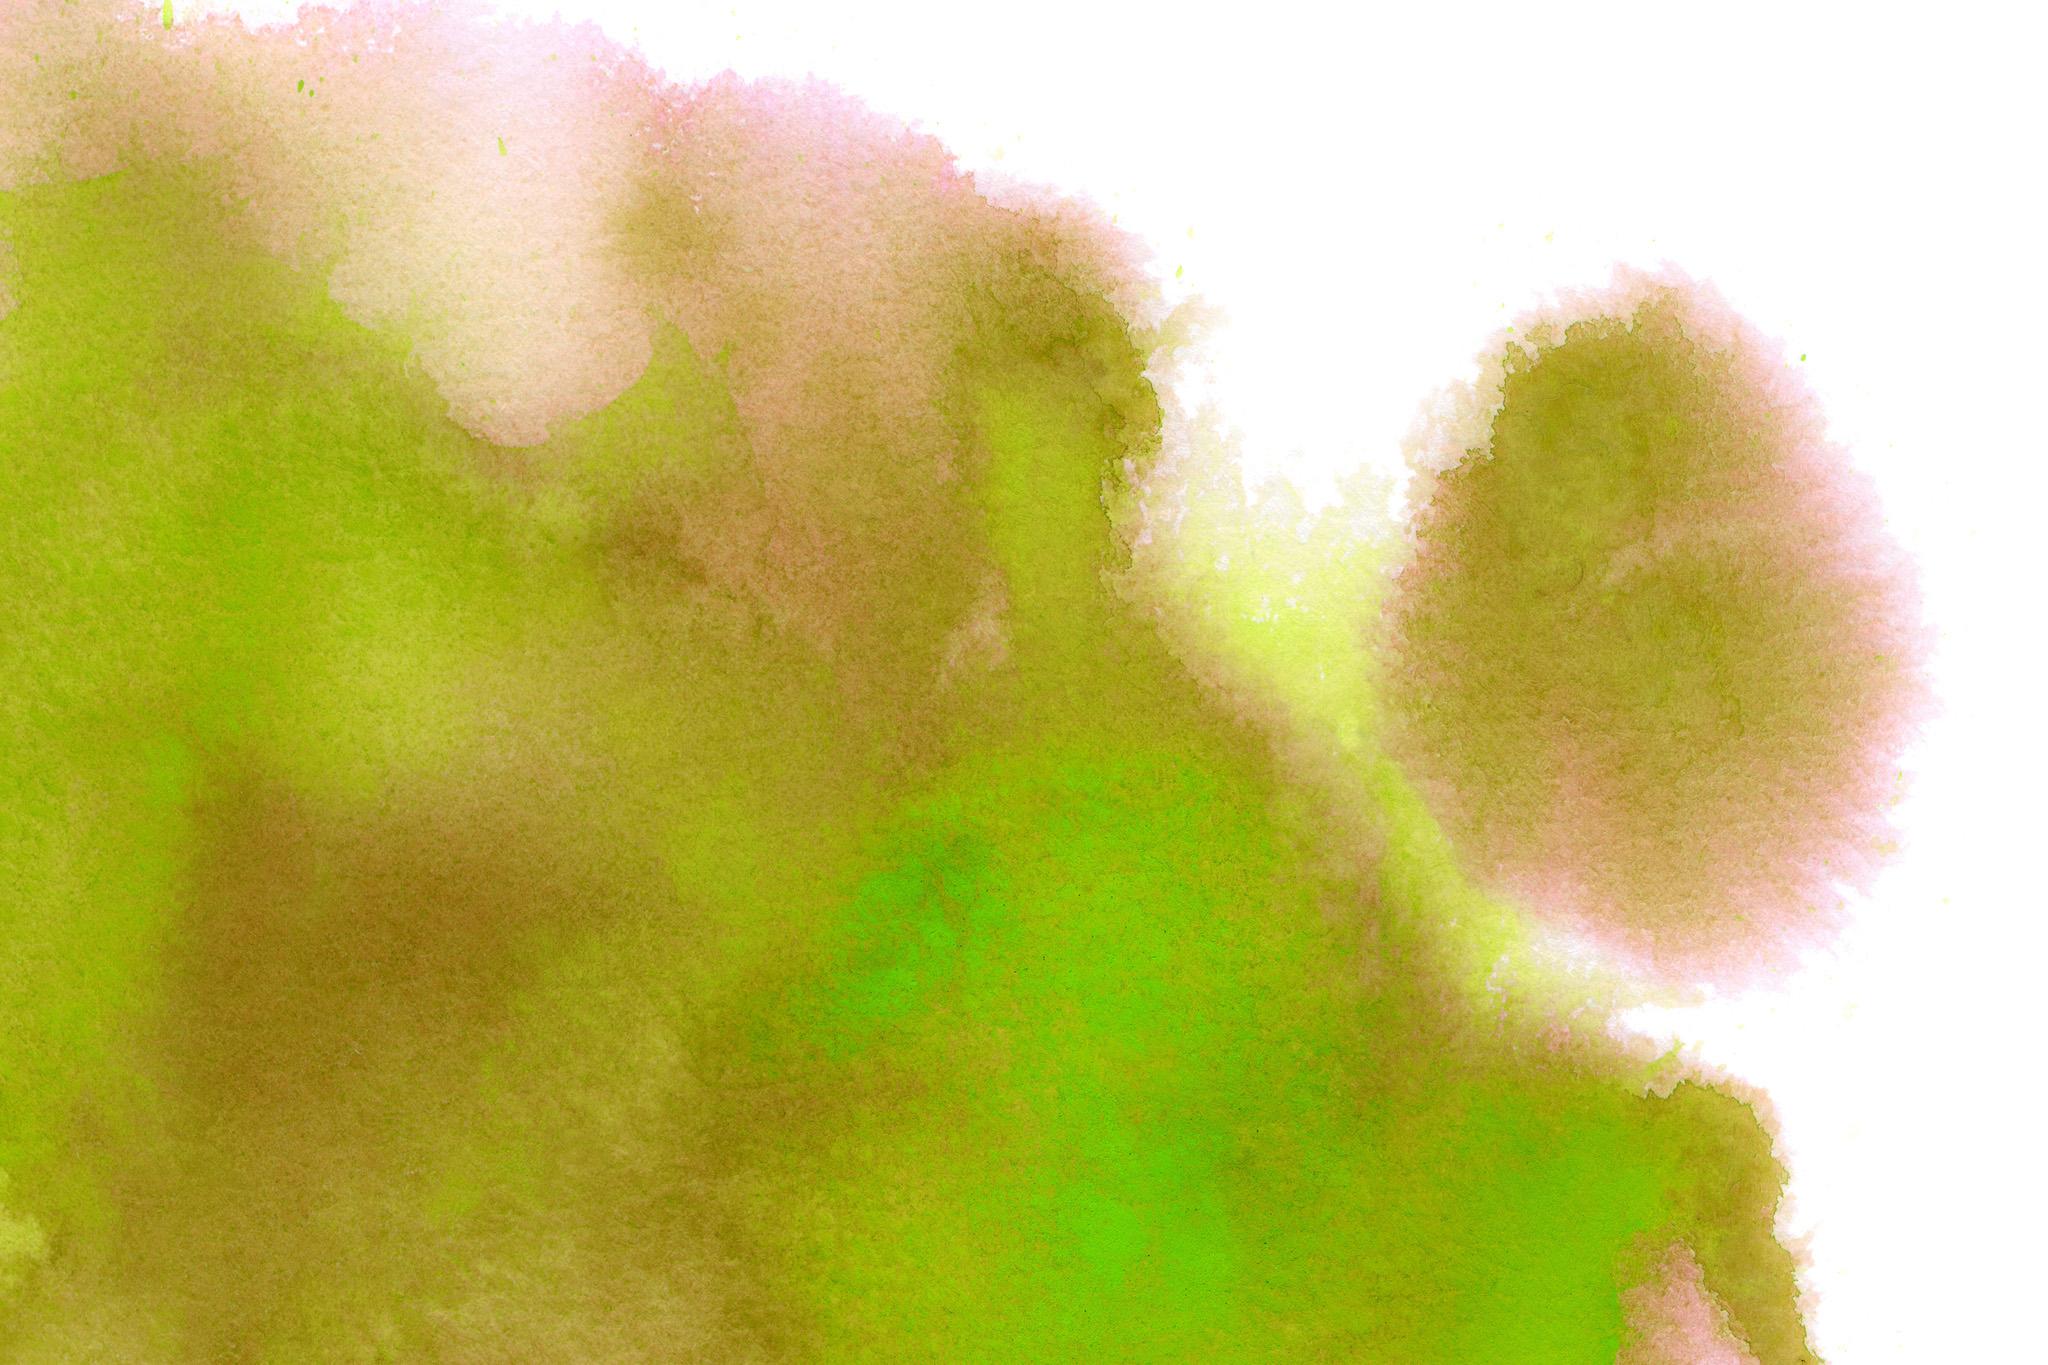 白紙に黄緑色と茶色の絵具